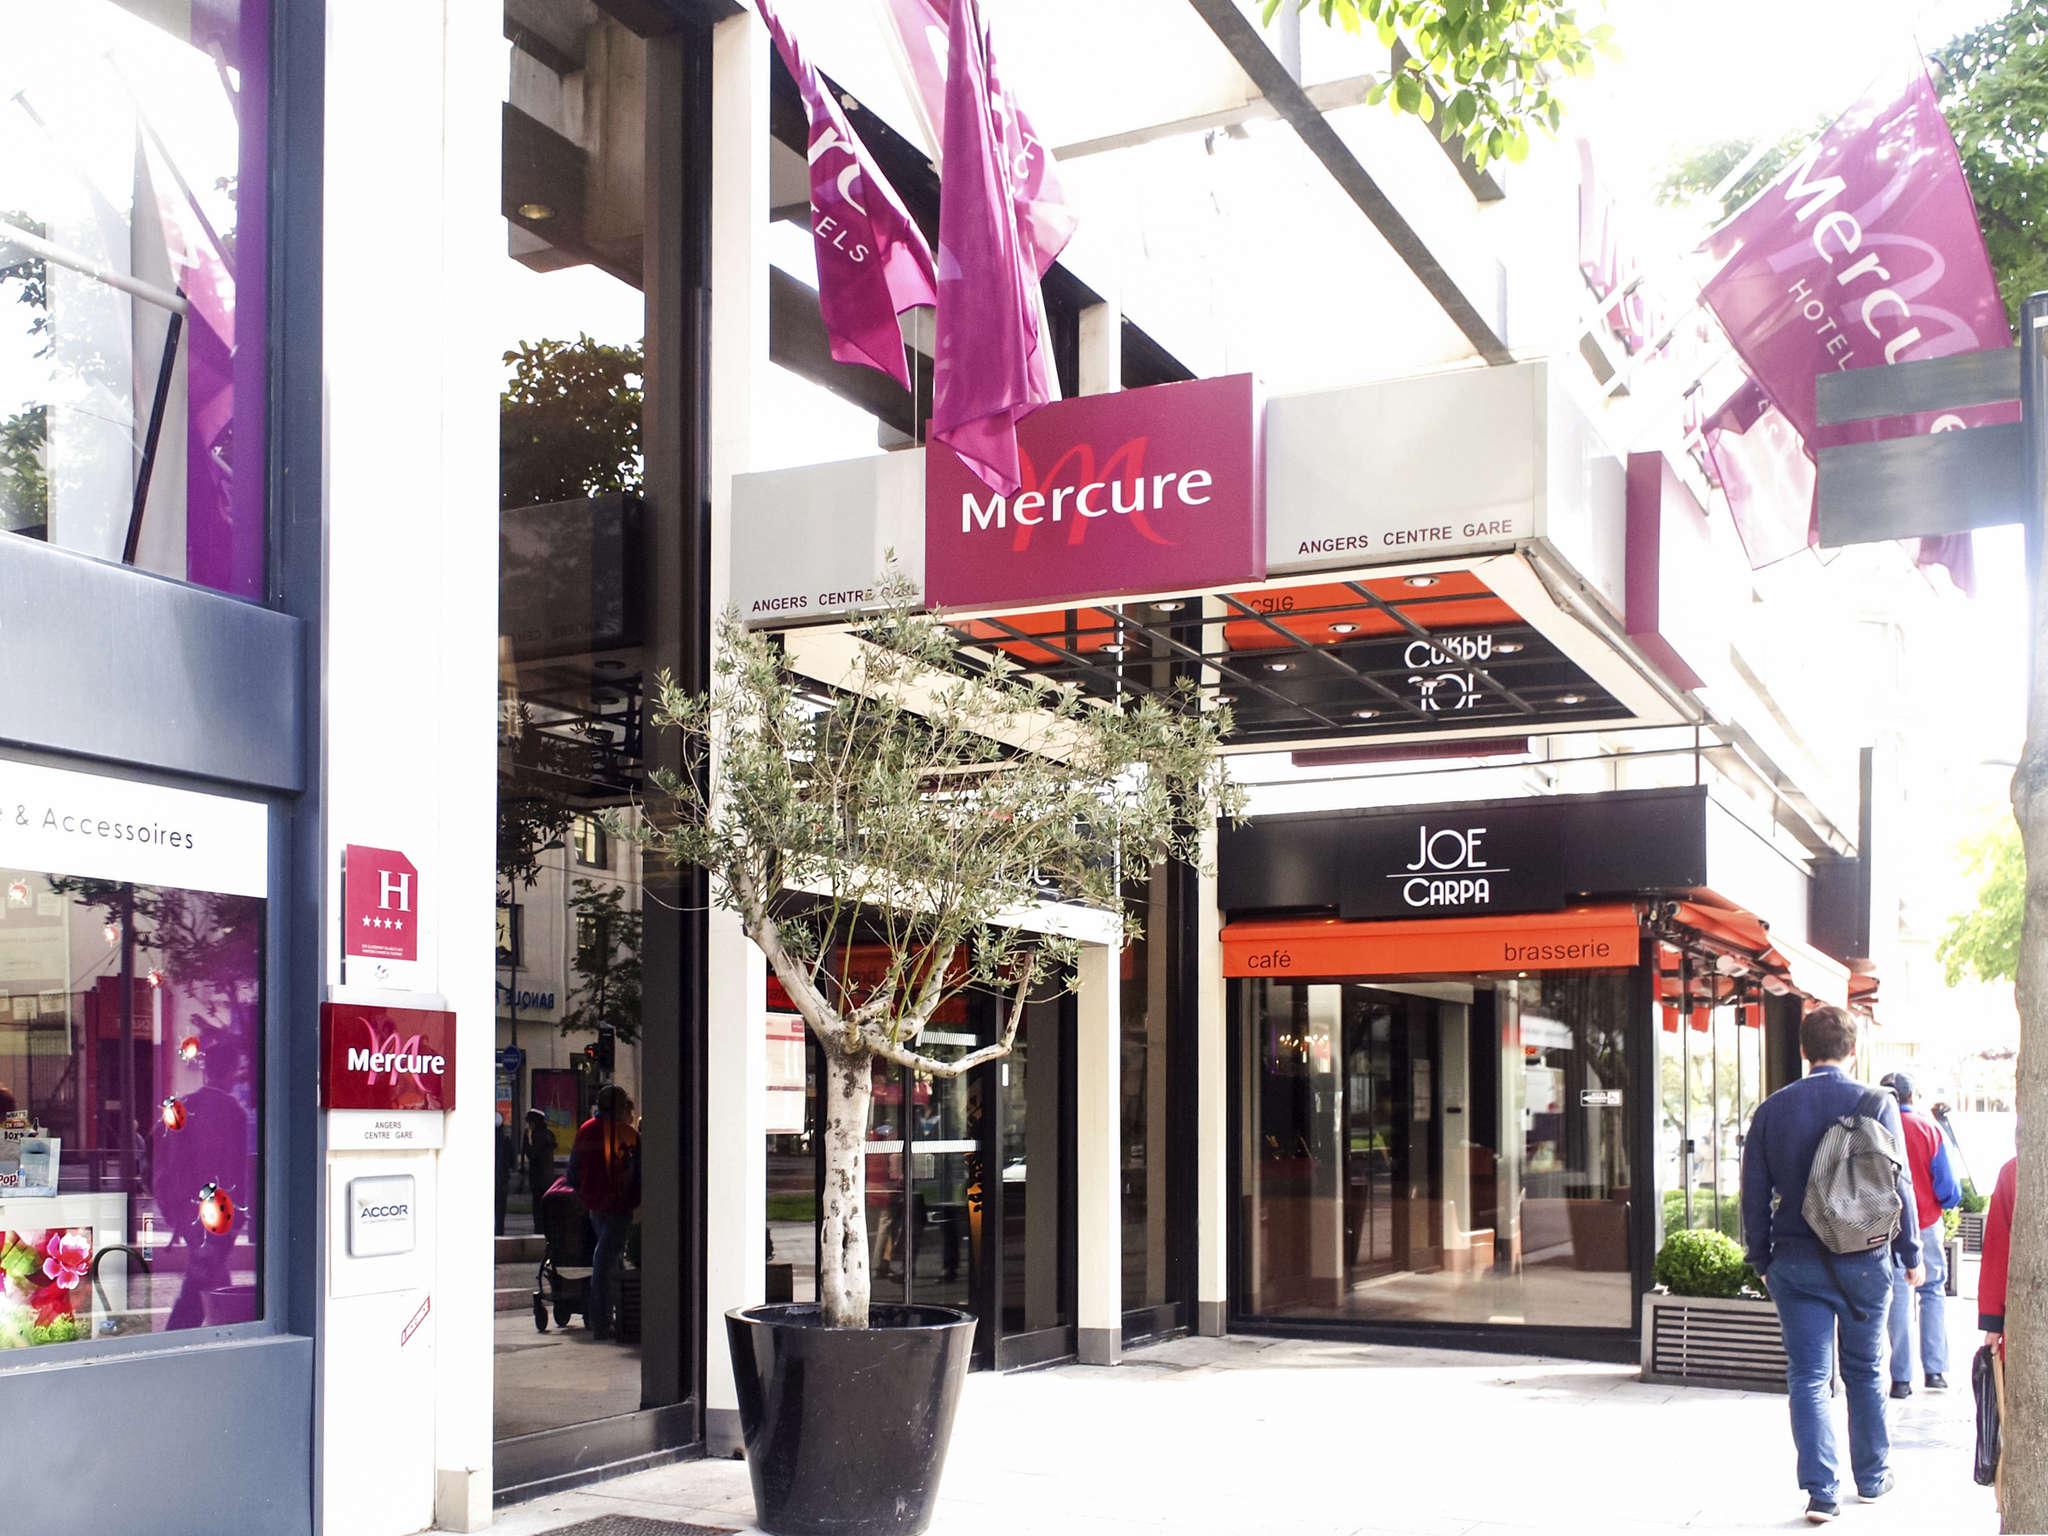 Hotel – Albergo Mercure Angers Centre Gare